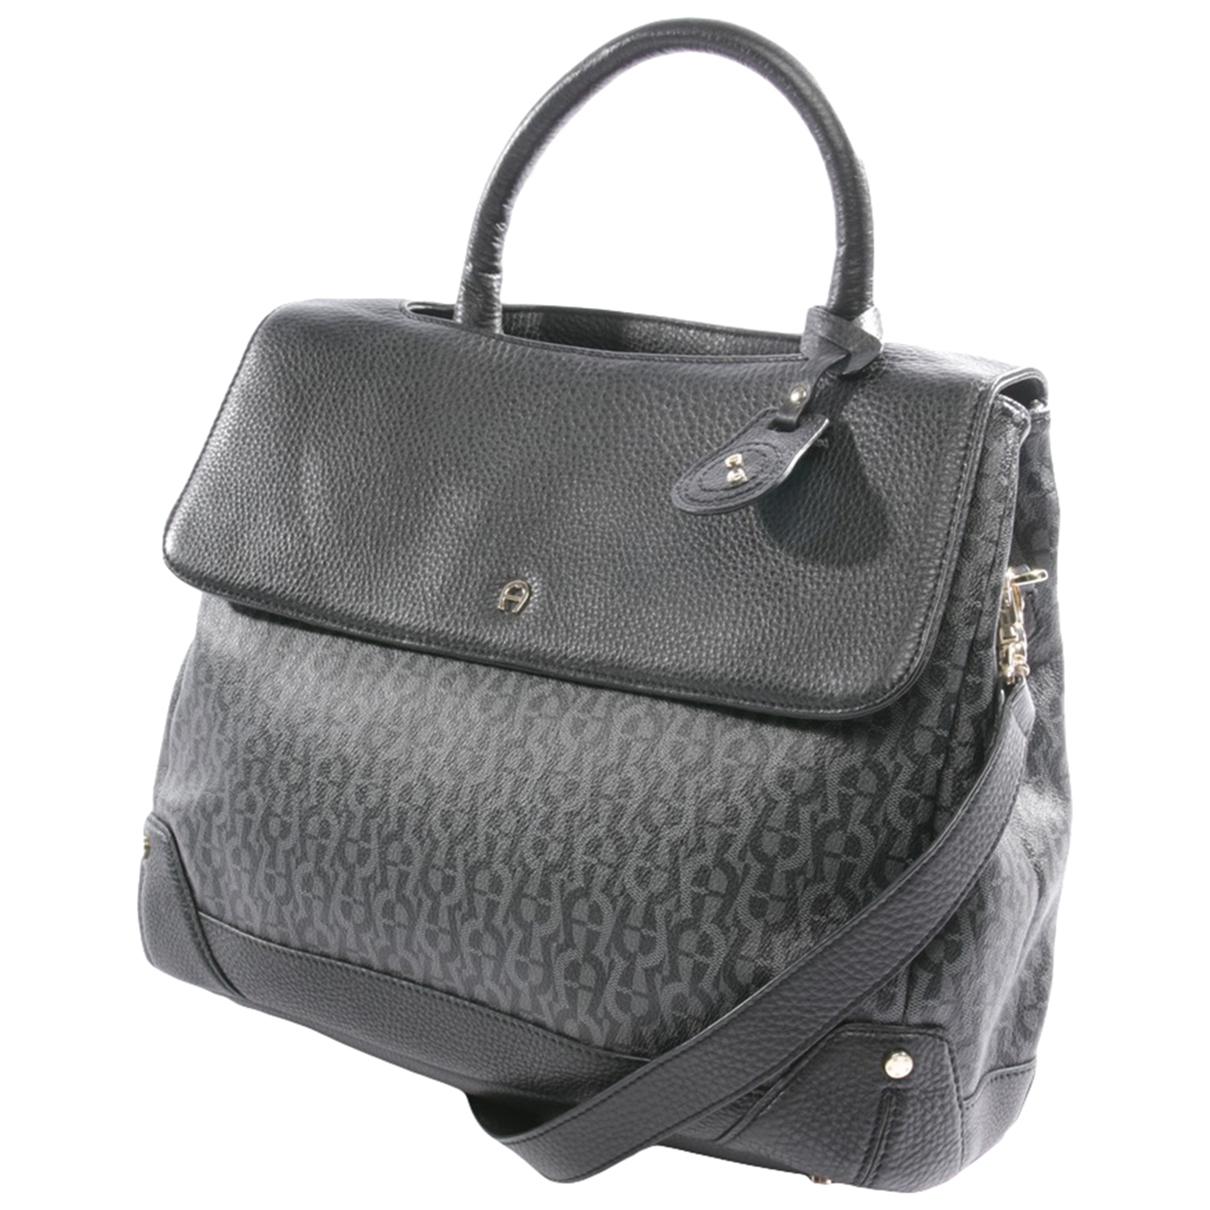 Aigner \N Handtasche in  Schwarz Leder